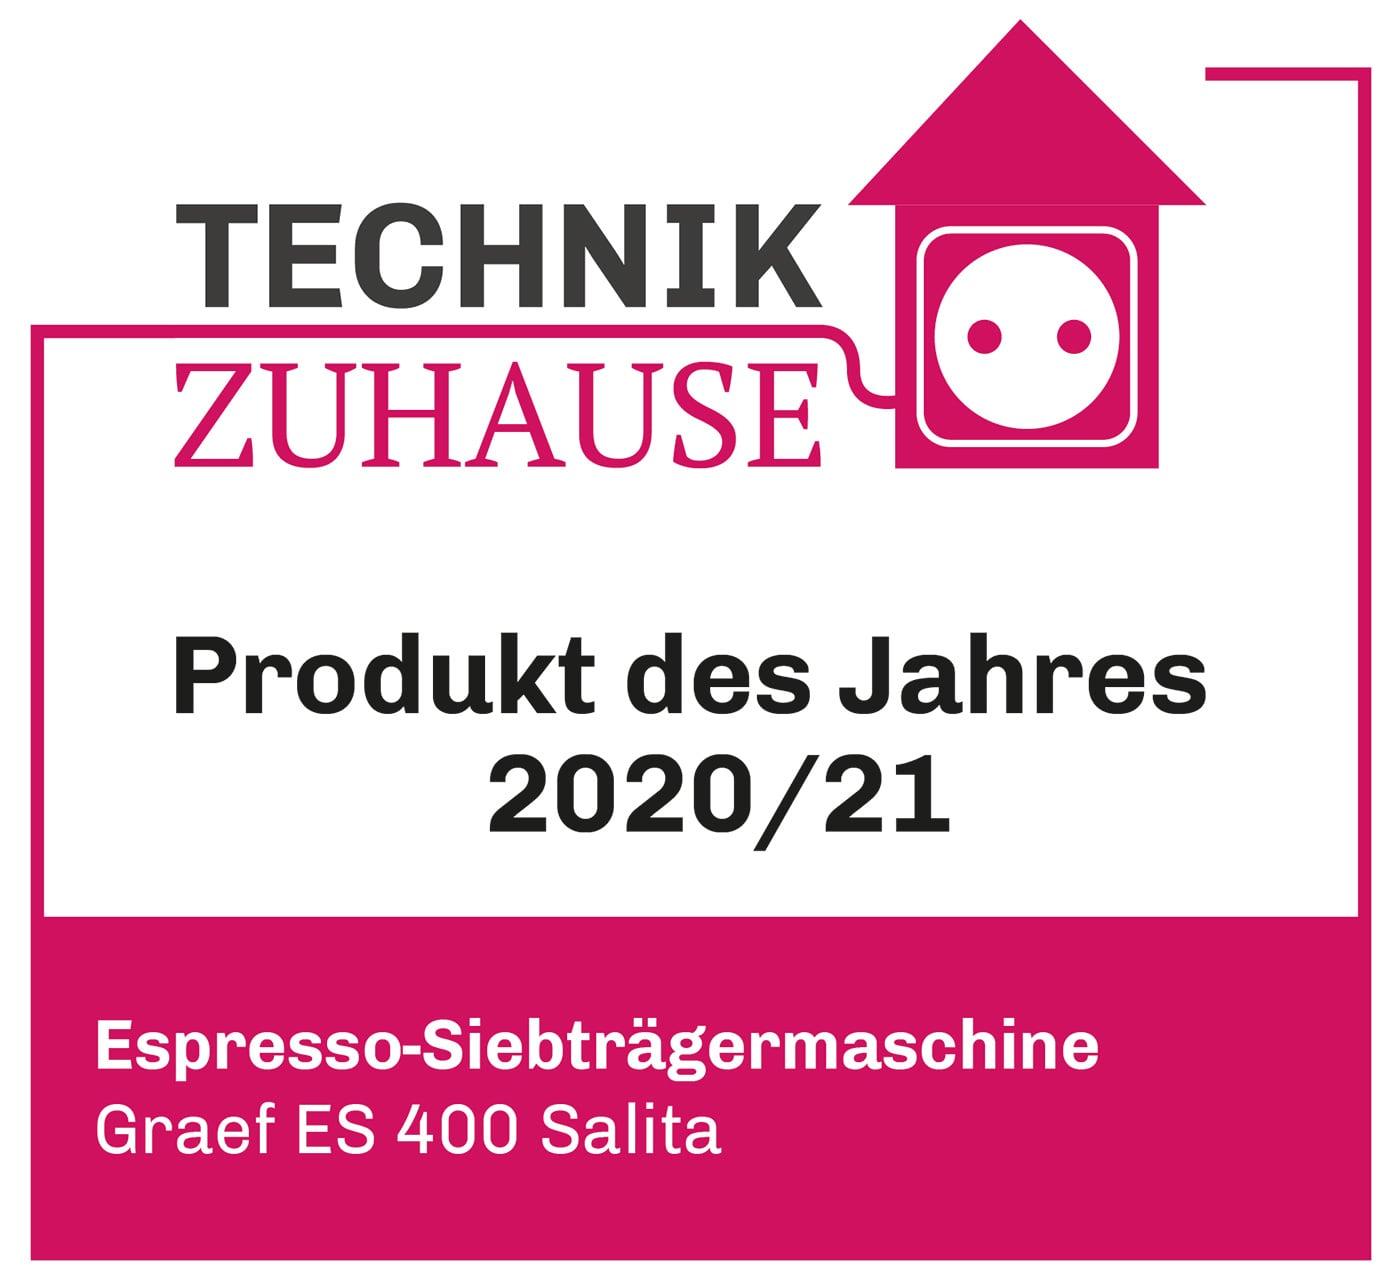 Technik Zuhause - Produkt des Jahres 2020/2021